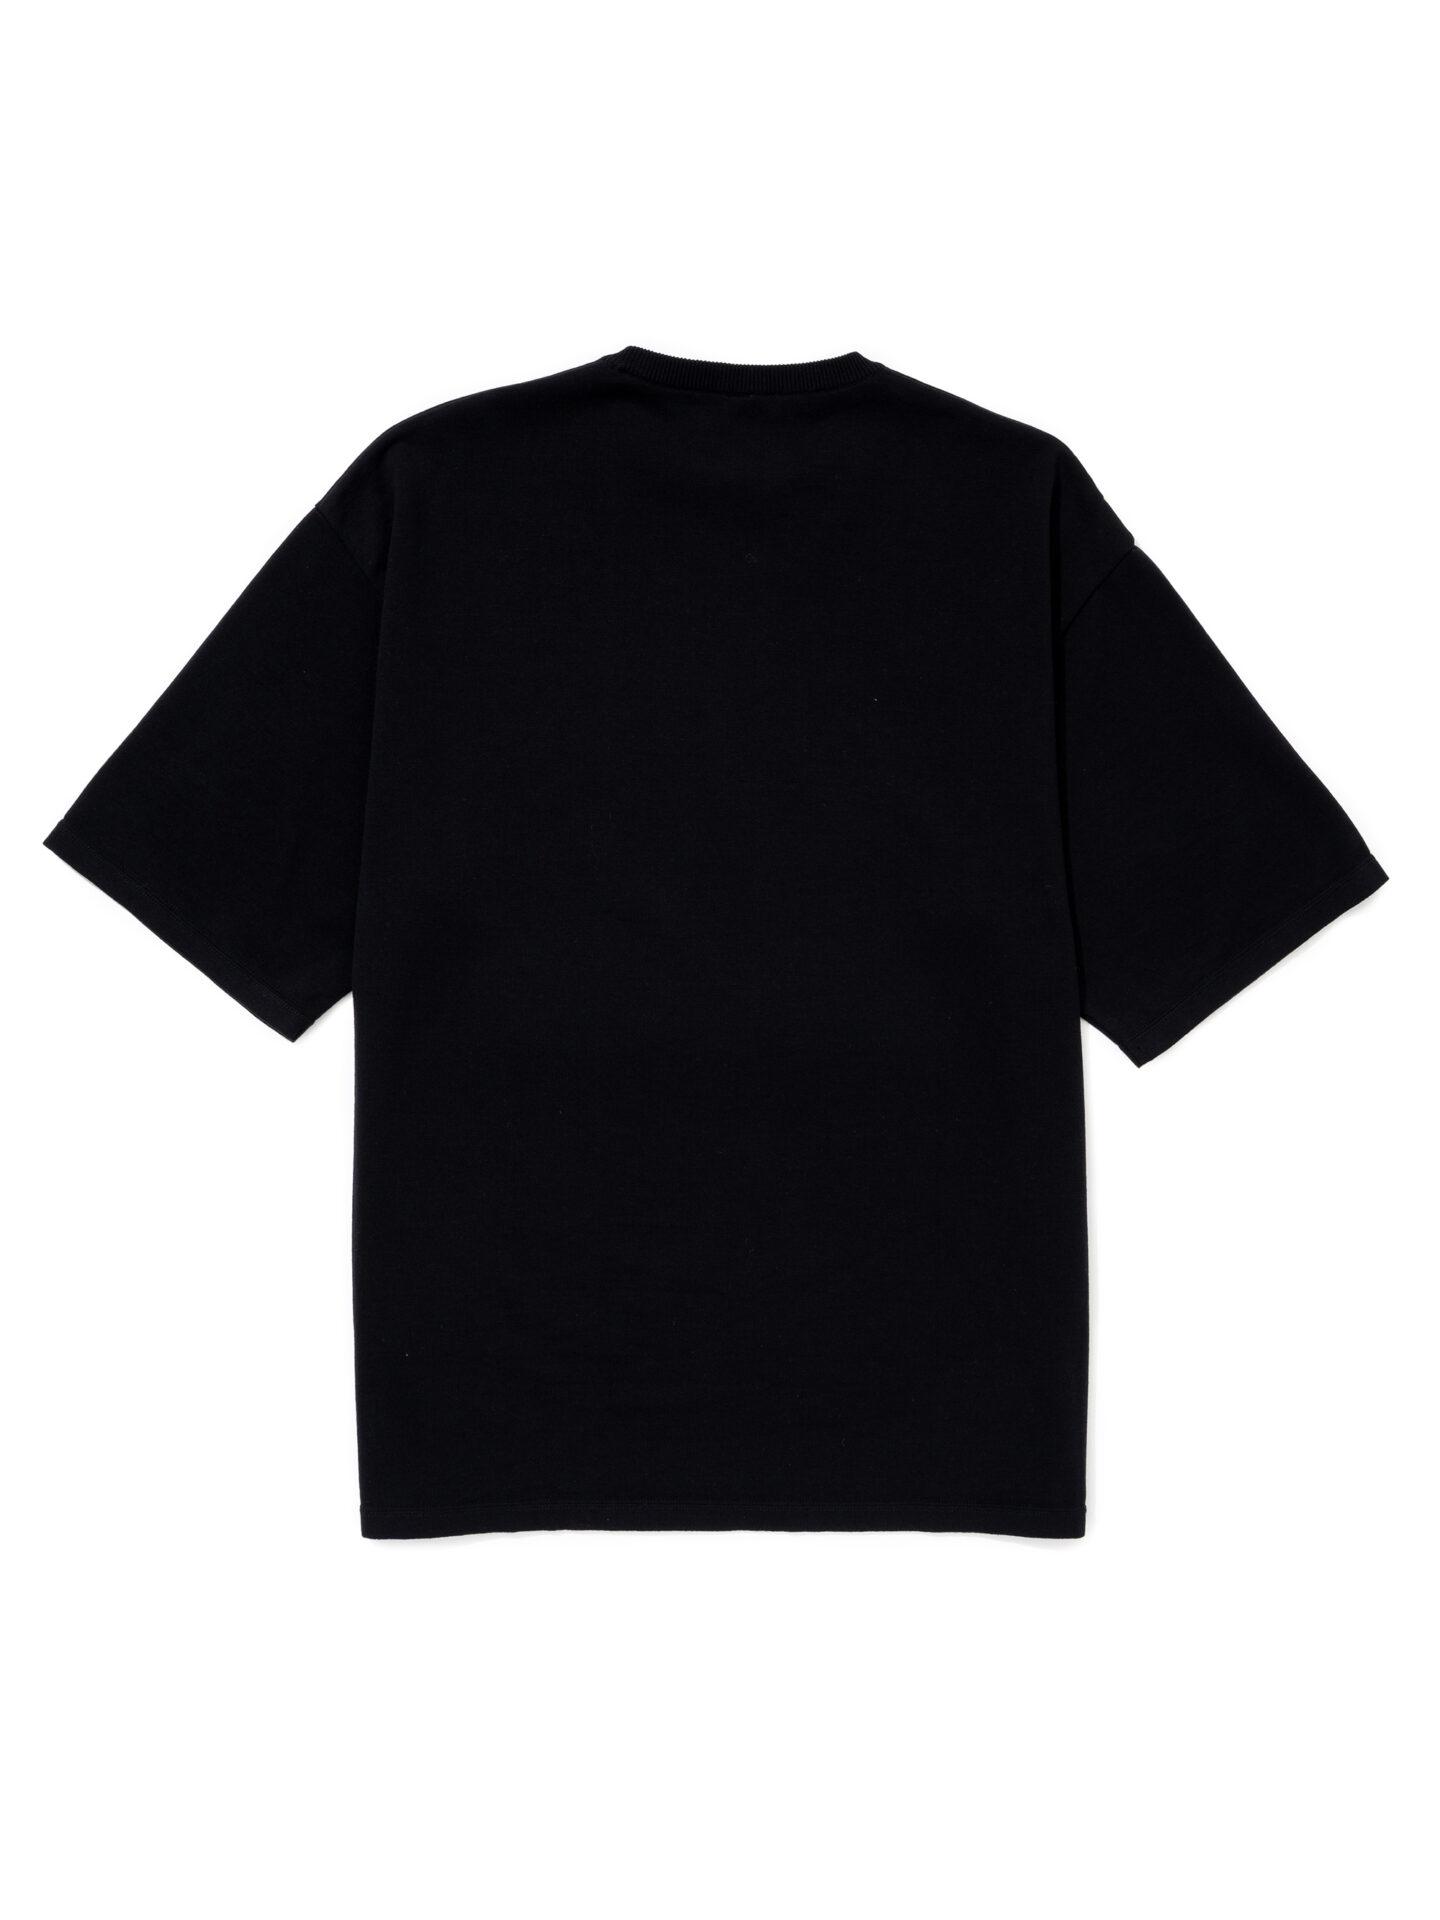 """【超撥水】オーガニックコットン100%使用 最高級 カレッジスタイル""""SWIM""""ロゴ半袖Tシャツ -黒"""